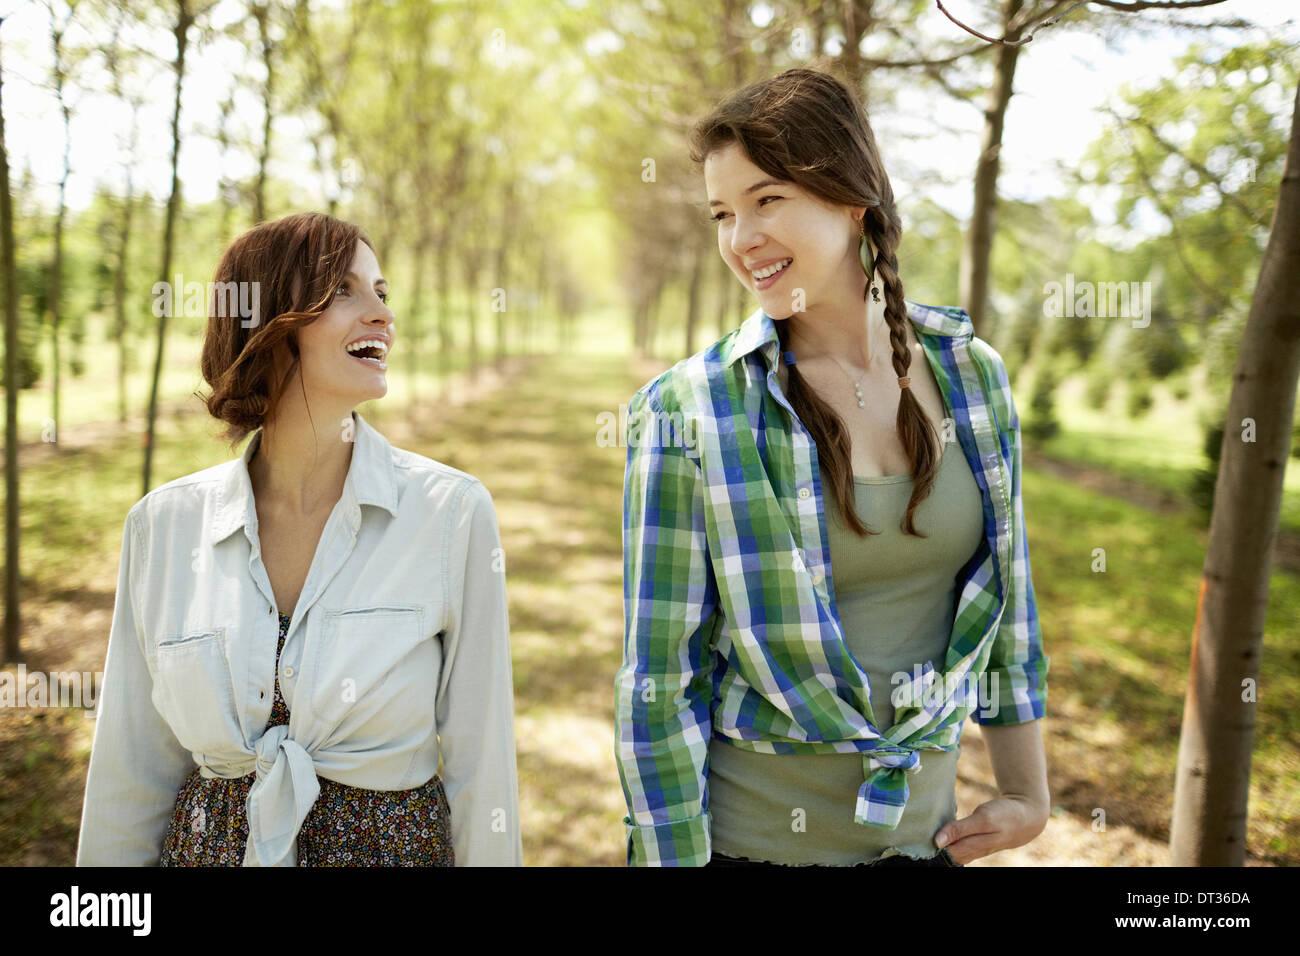 Zwei junge Frauen, die hinunter einer Allee von Bäumen Stockbild